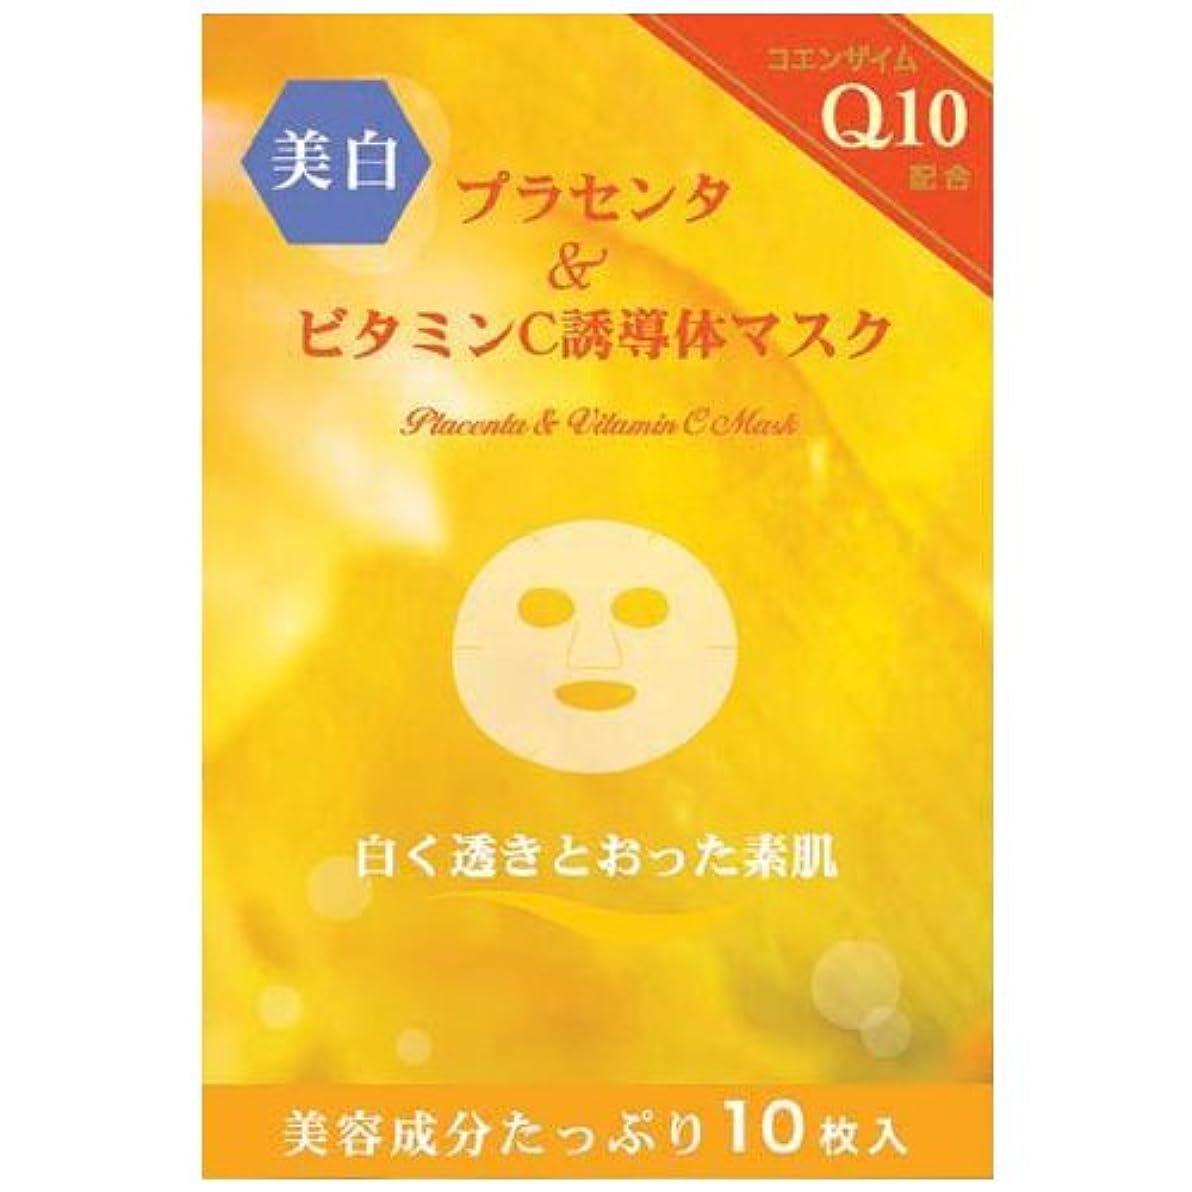 臭い接続されたワックスプラセンタ&ビタミンC誘導体マスク